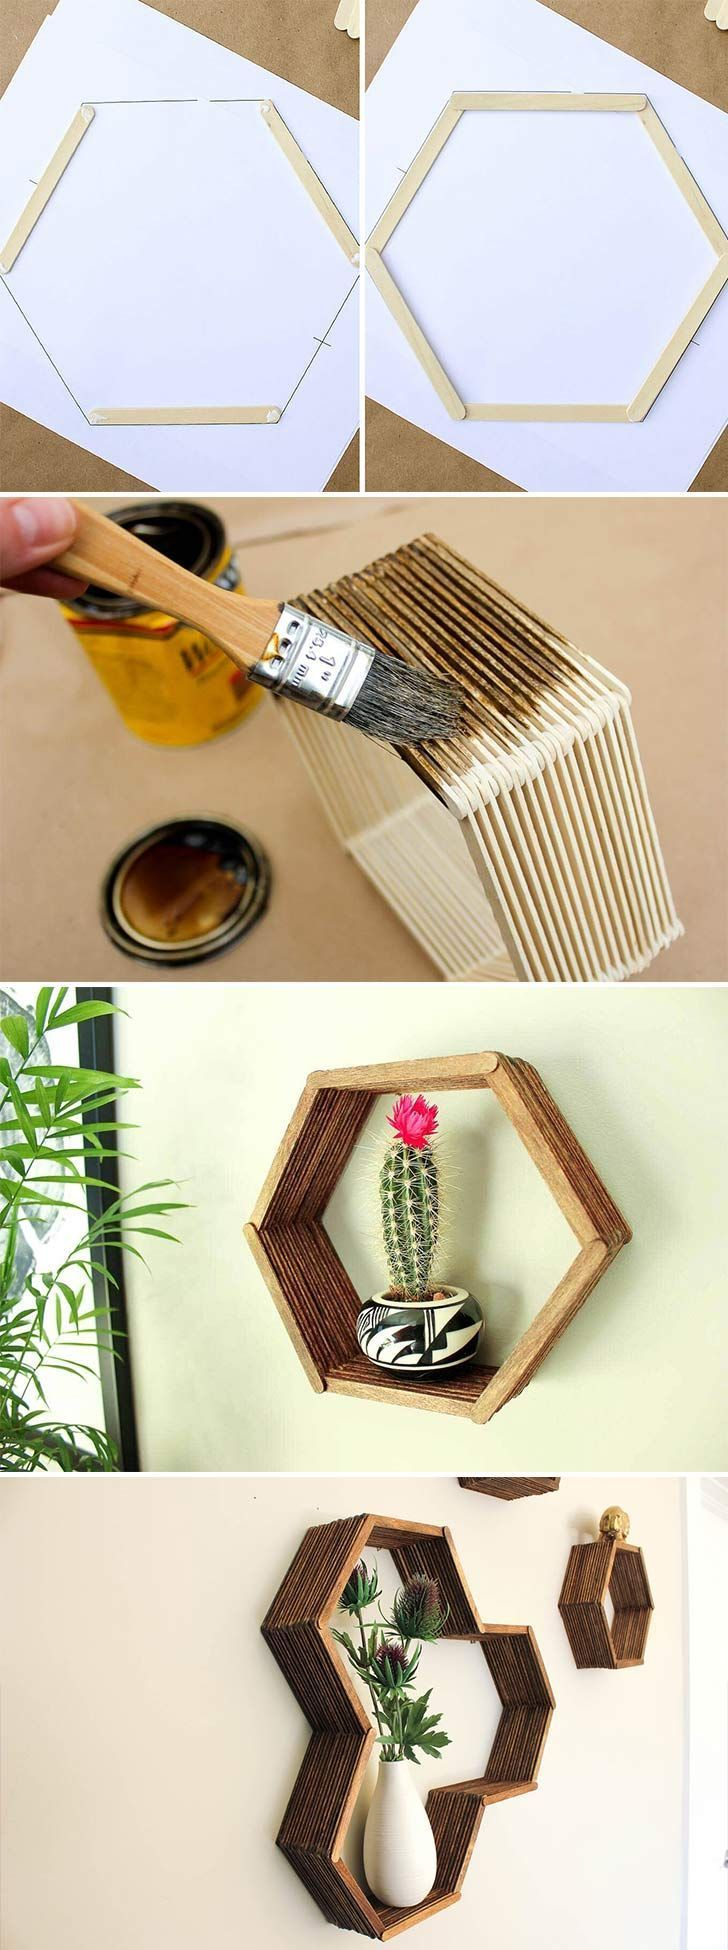 20+ Home Decoration Ideen, die sehr genial sind